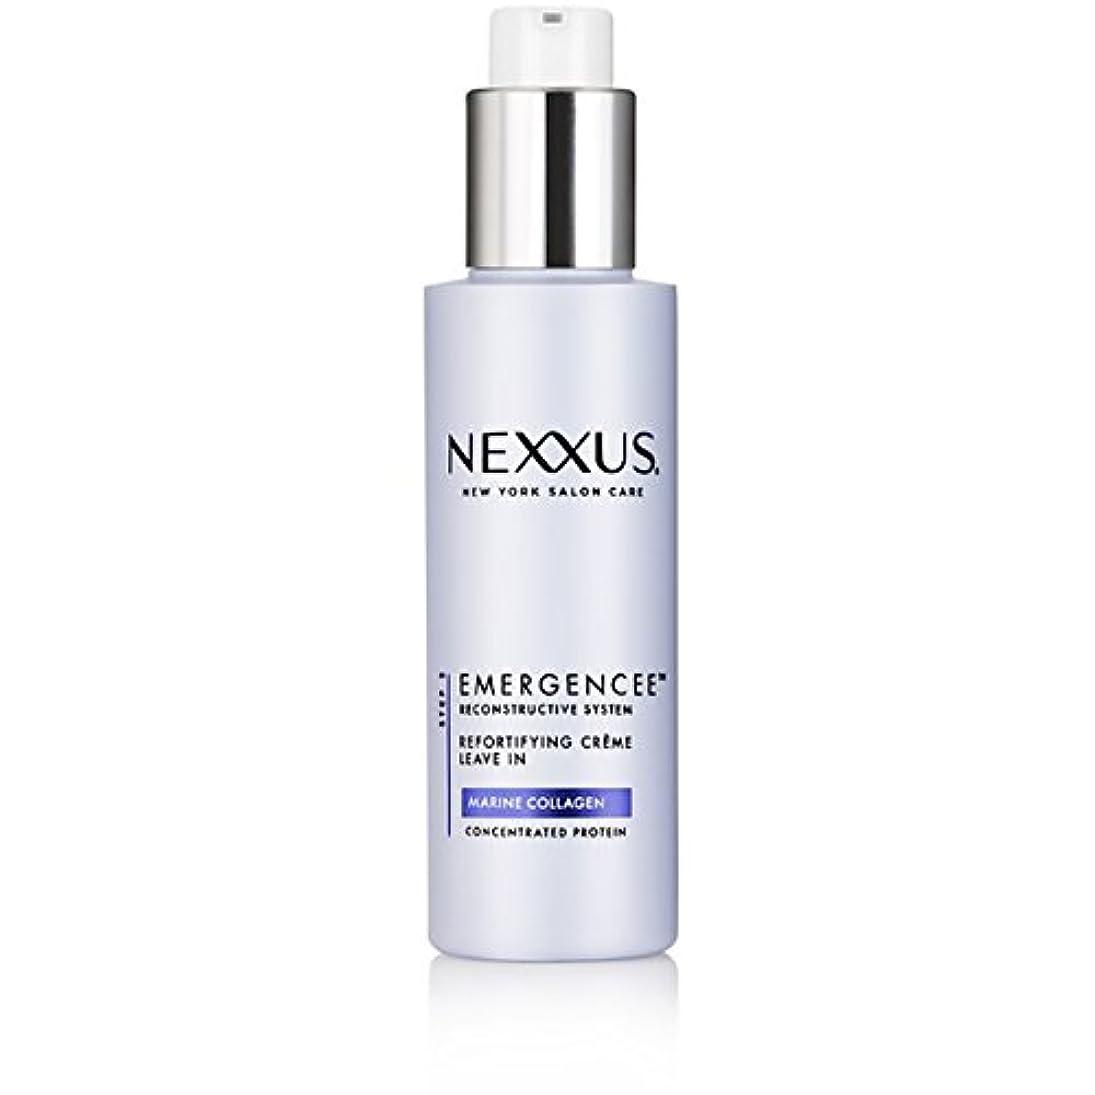 地図履歴書委員長Nexxus Emergenceeはダメージを受けた髪のためにクリーム状にしておきます、150 ml